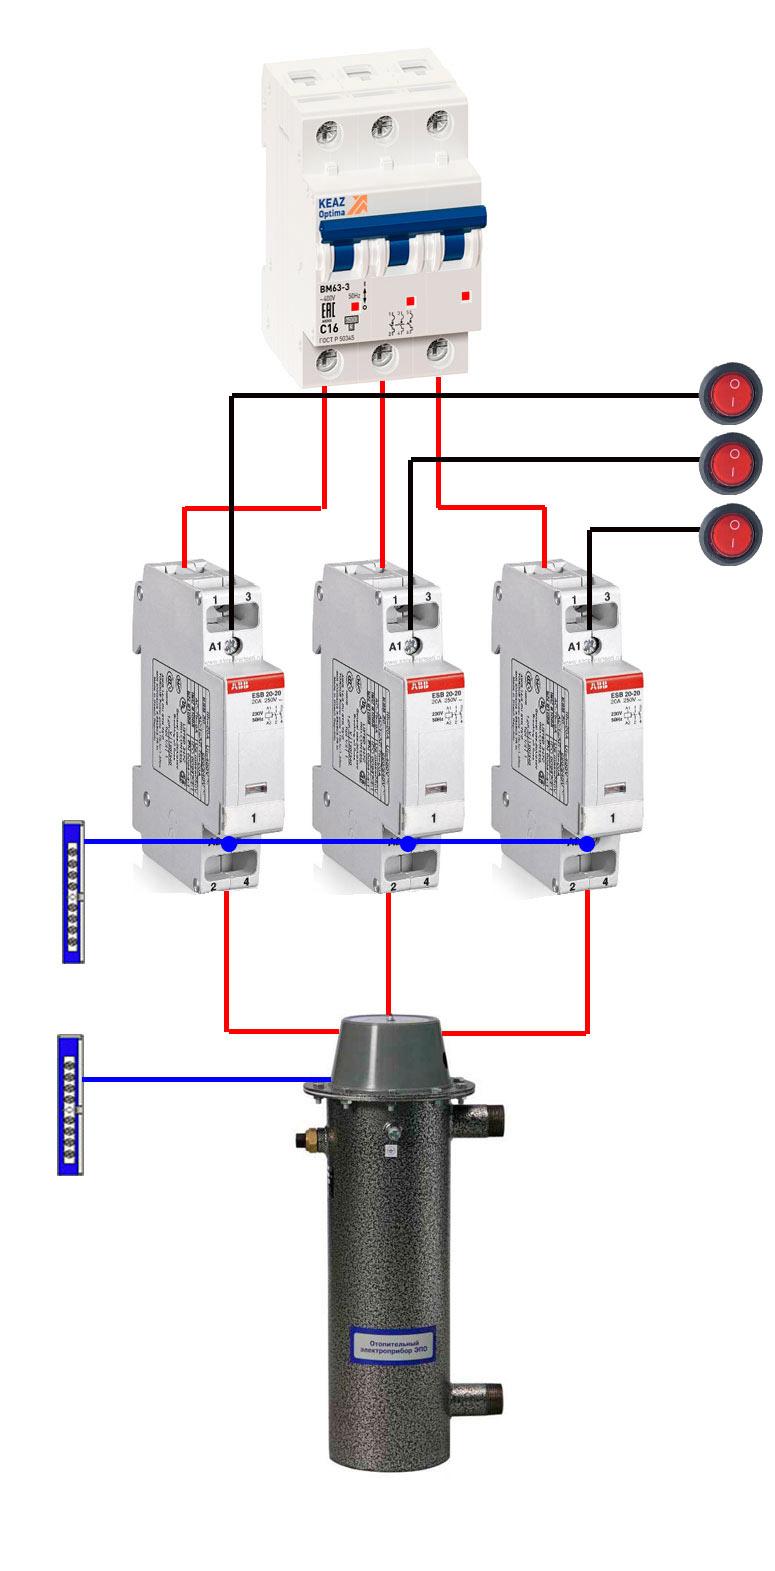 Cara Membuat Elemen Pemanas Tegangan Dc : membuat, elemen, pemanas, tegangan, Panel, Kontrol, Boiler, Listrik, Ketel